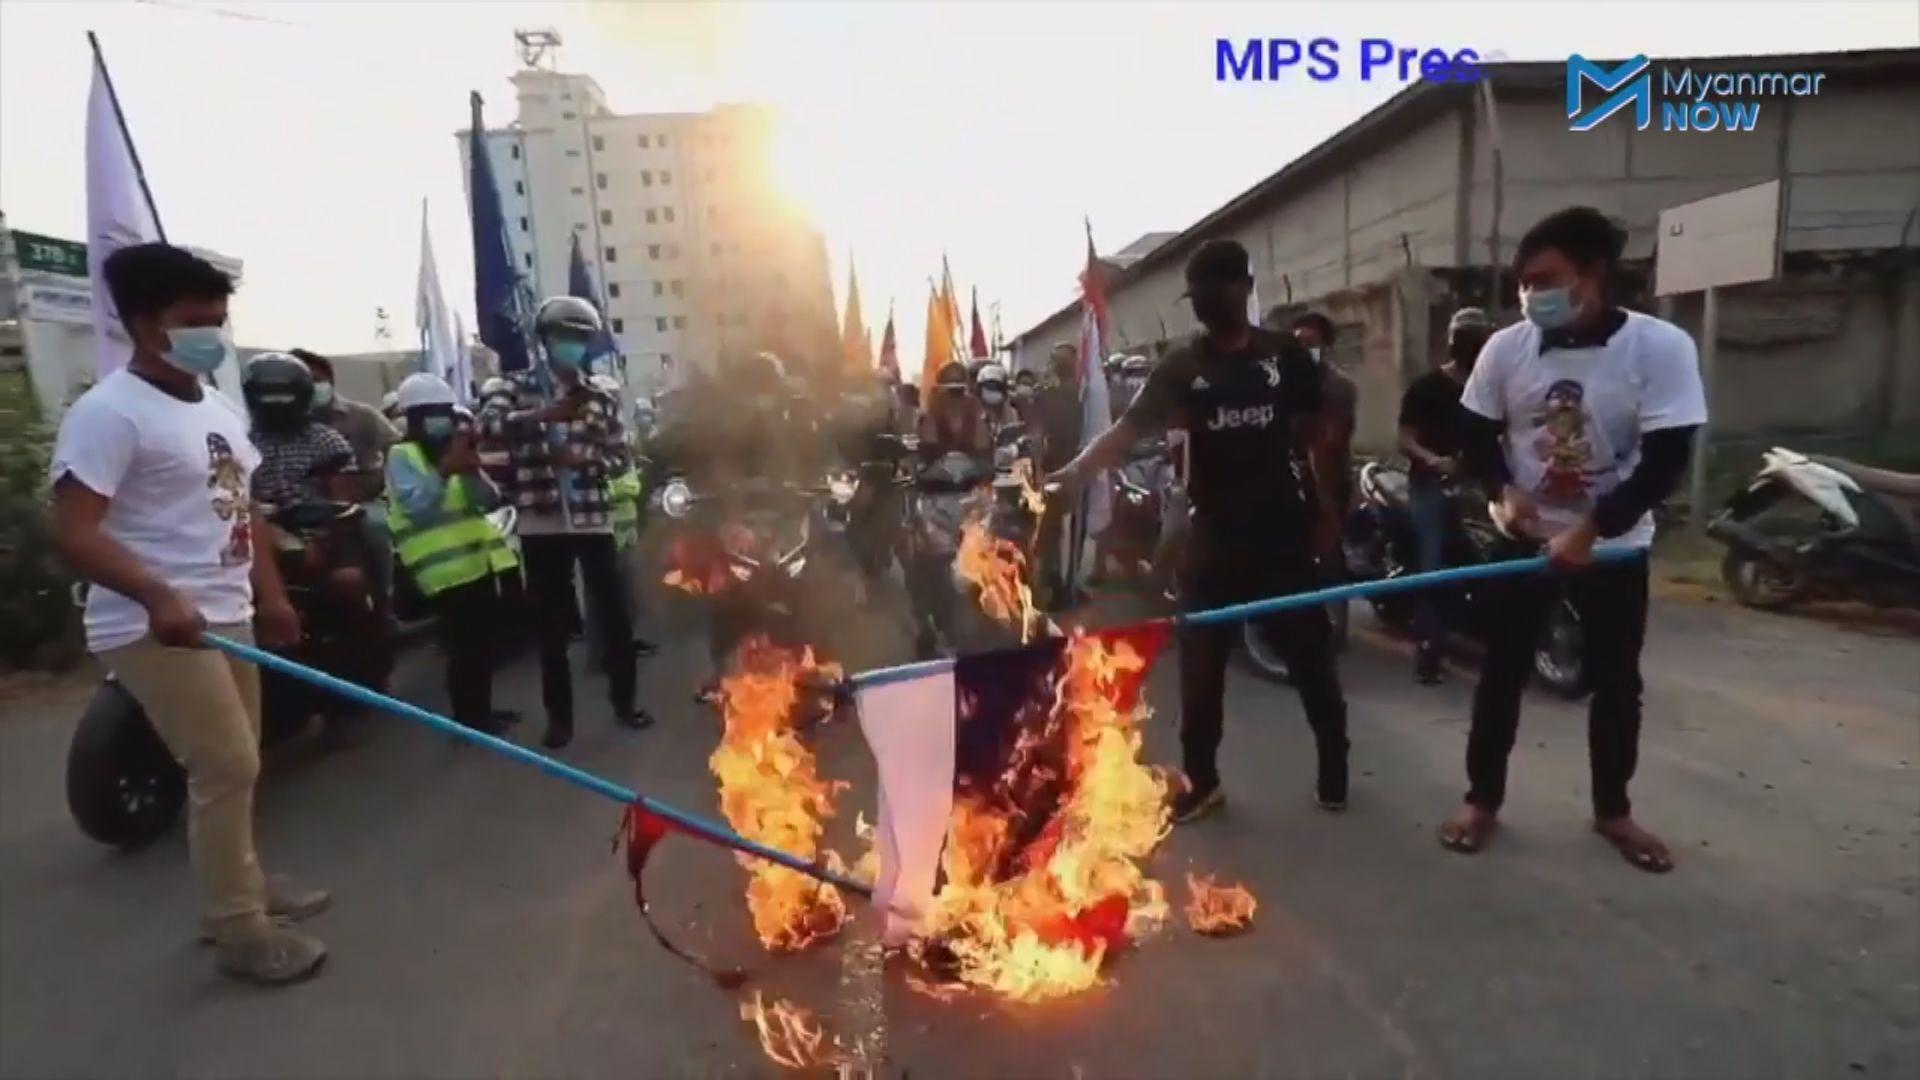 緬甸軍警在勃固開槍驅散示威 據報至少20人死亡